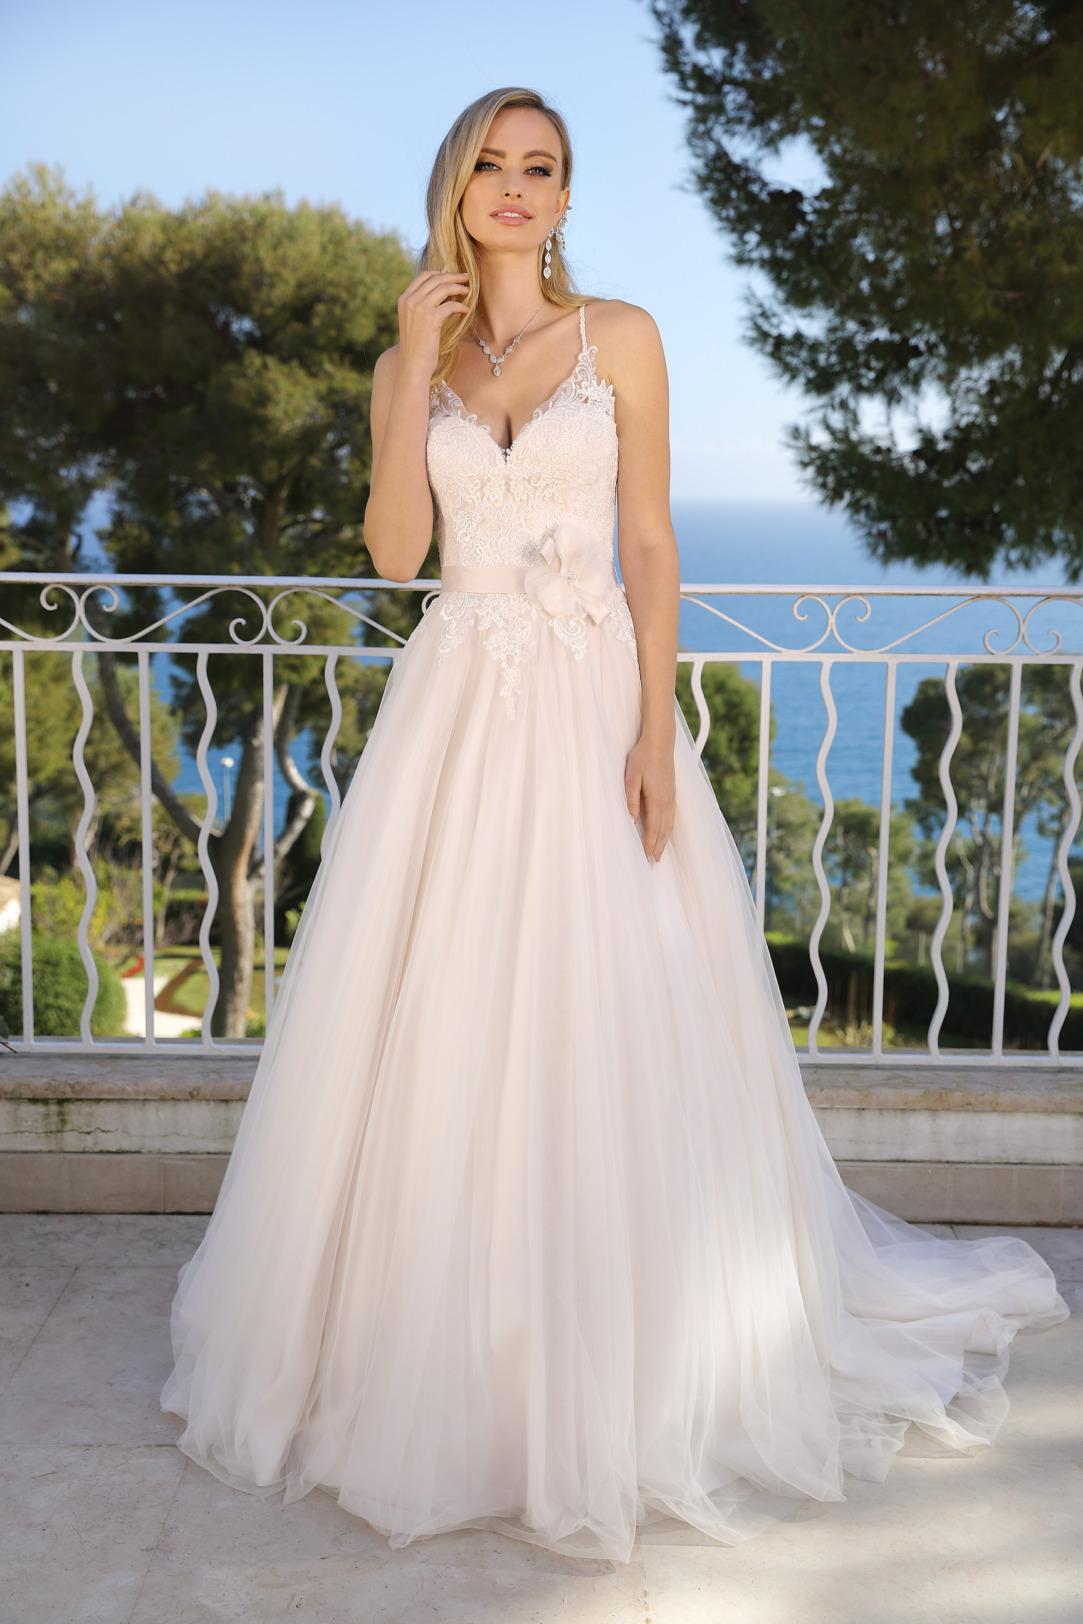 Brautkleid Hochzeitskleid in klassischer A Linie von Ladybird Modell 321000 mit ganz fein gearbeitetem V Ausschnitt und schmalen Trägern Spitze im Dekolltee das Kleid in der Farbe light pink rose und weitem Tüllrock